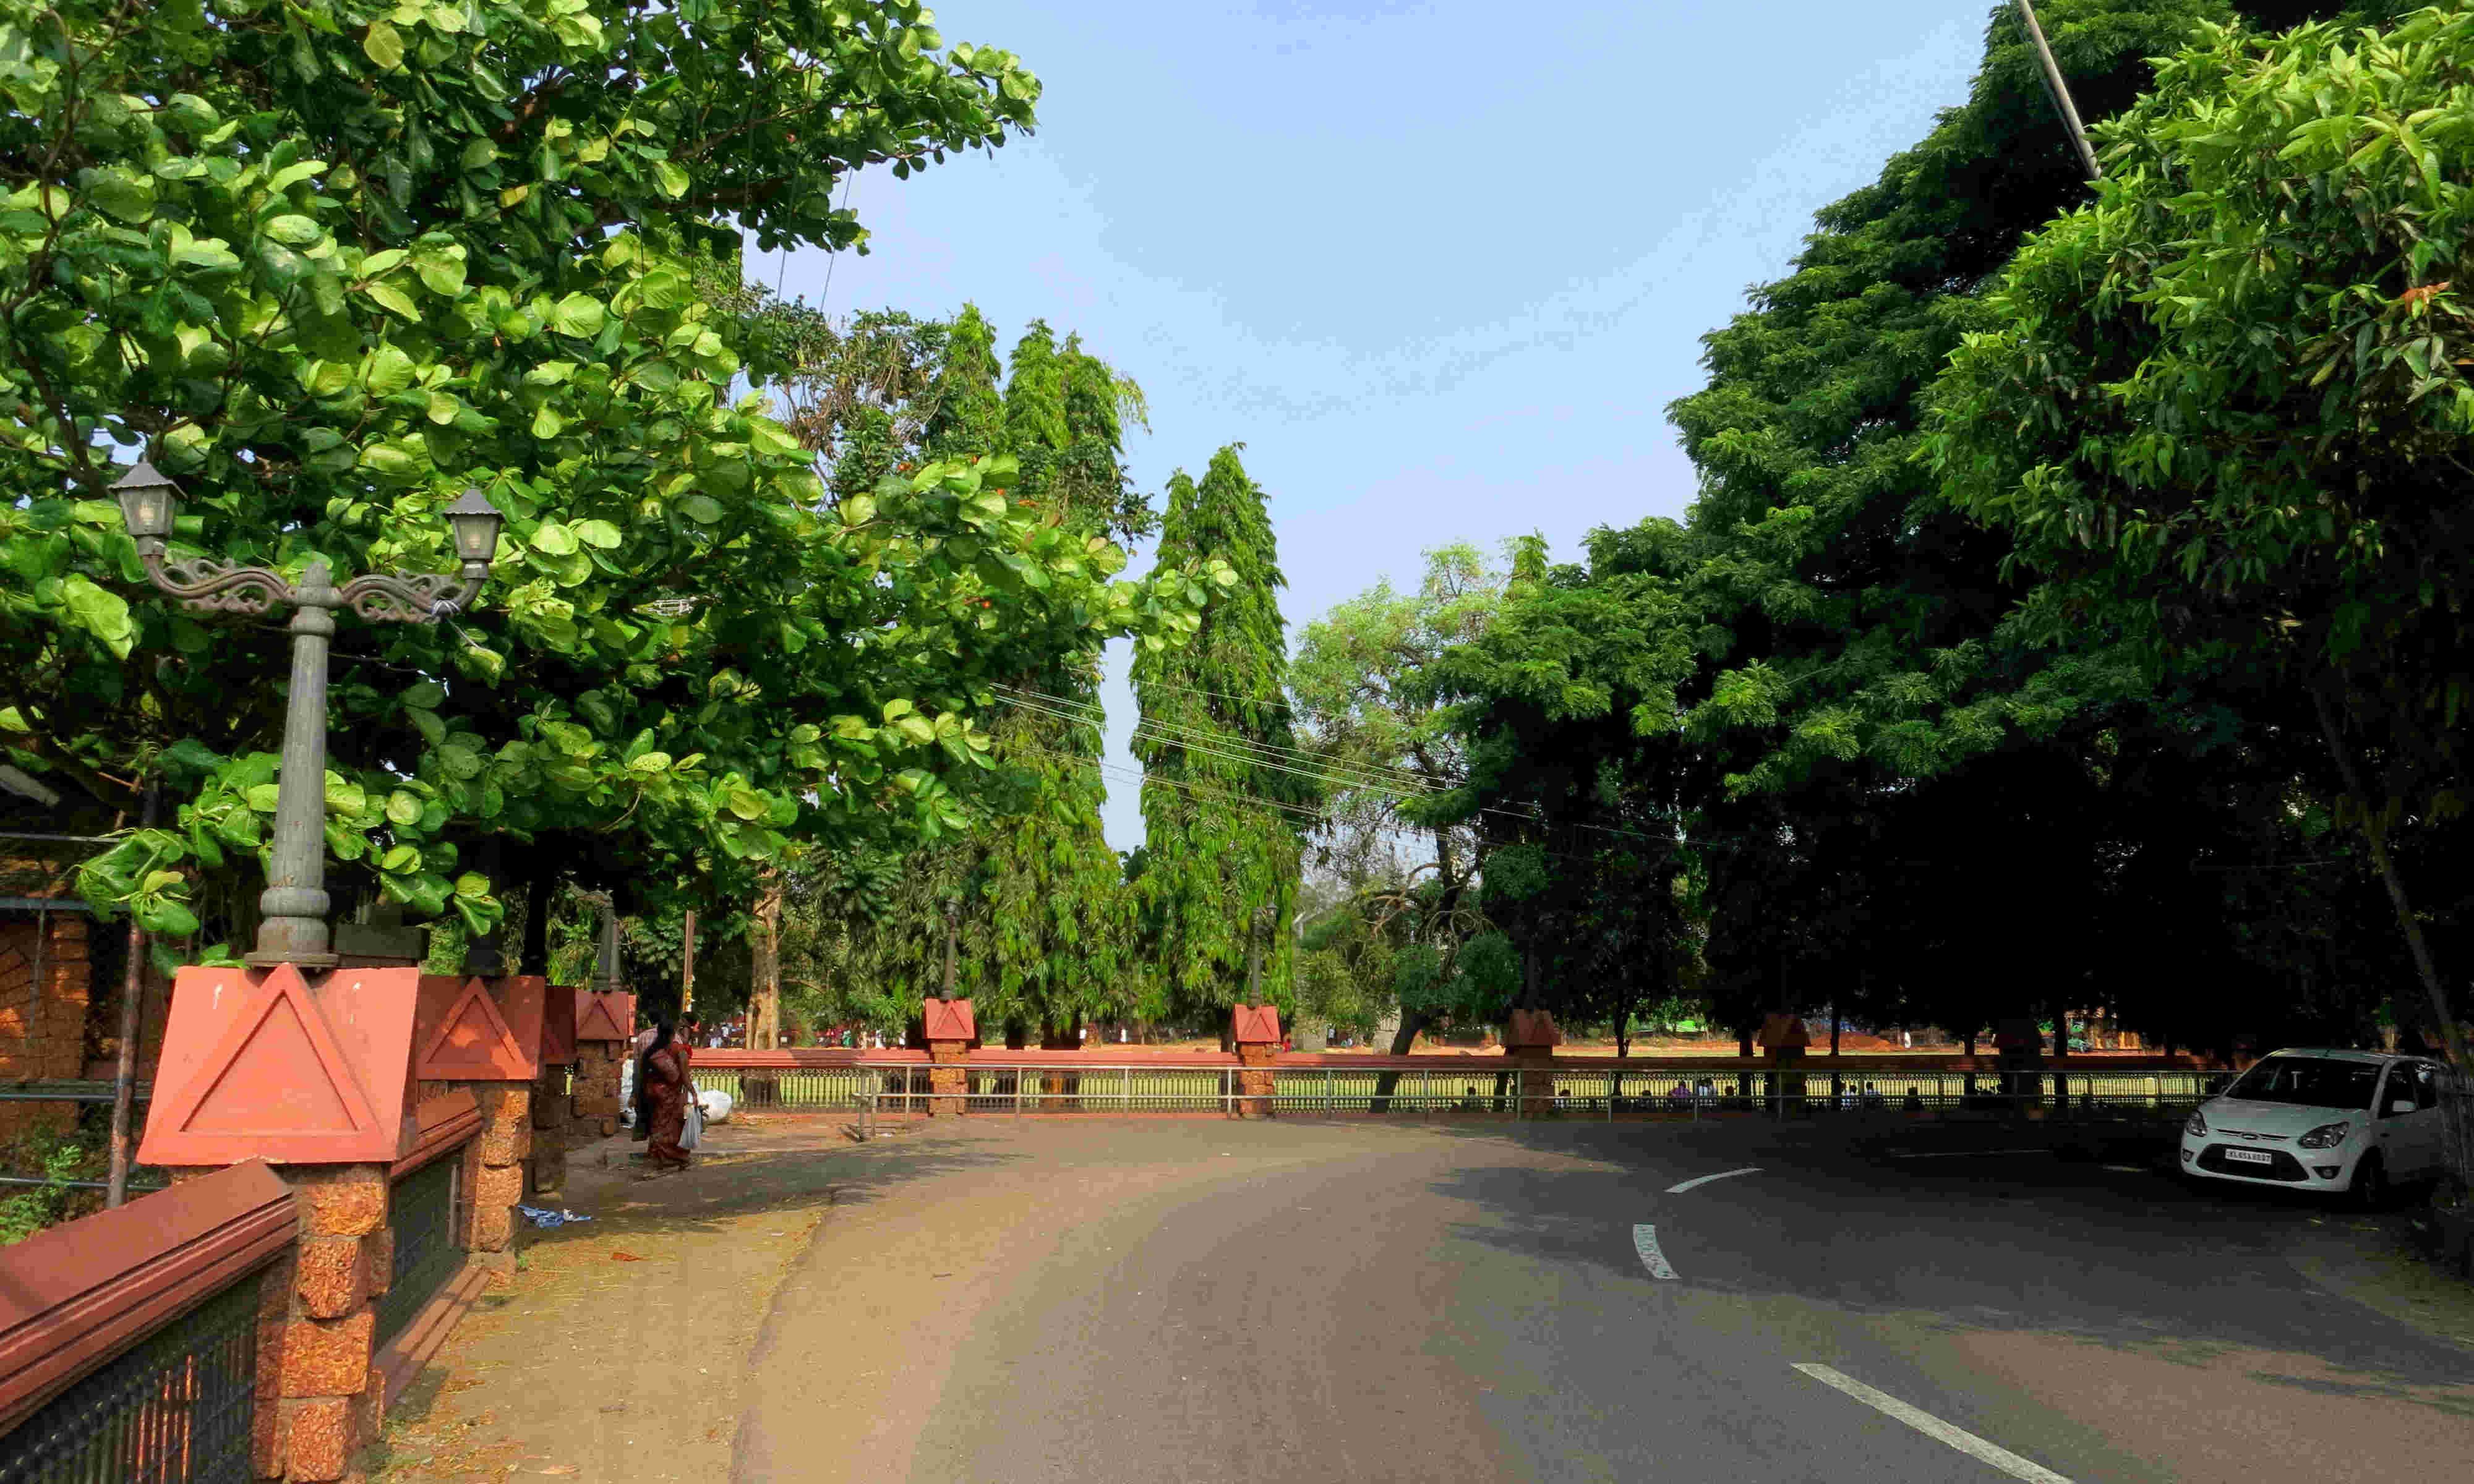 മാനാഞ്ചിറ-വെള്ളിമാട് കുന്ന് റോഡ് വികസനം:   ഭൂവുടമകള് രേഖകള് ഹാജരാക്കണം